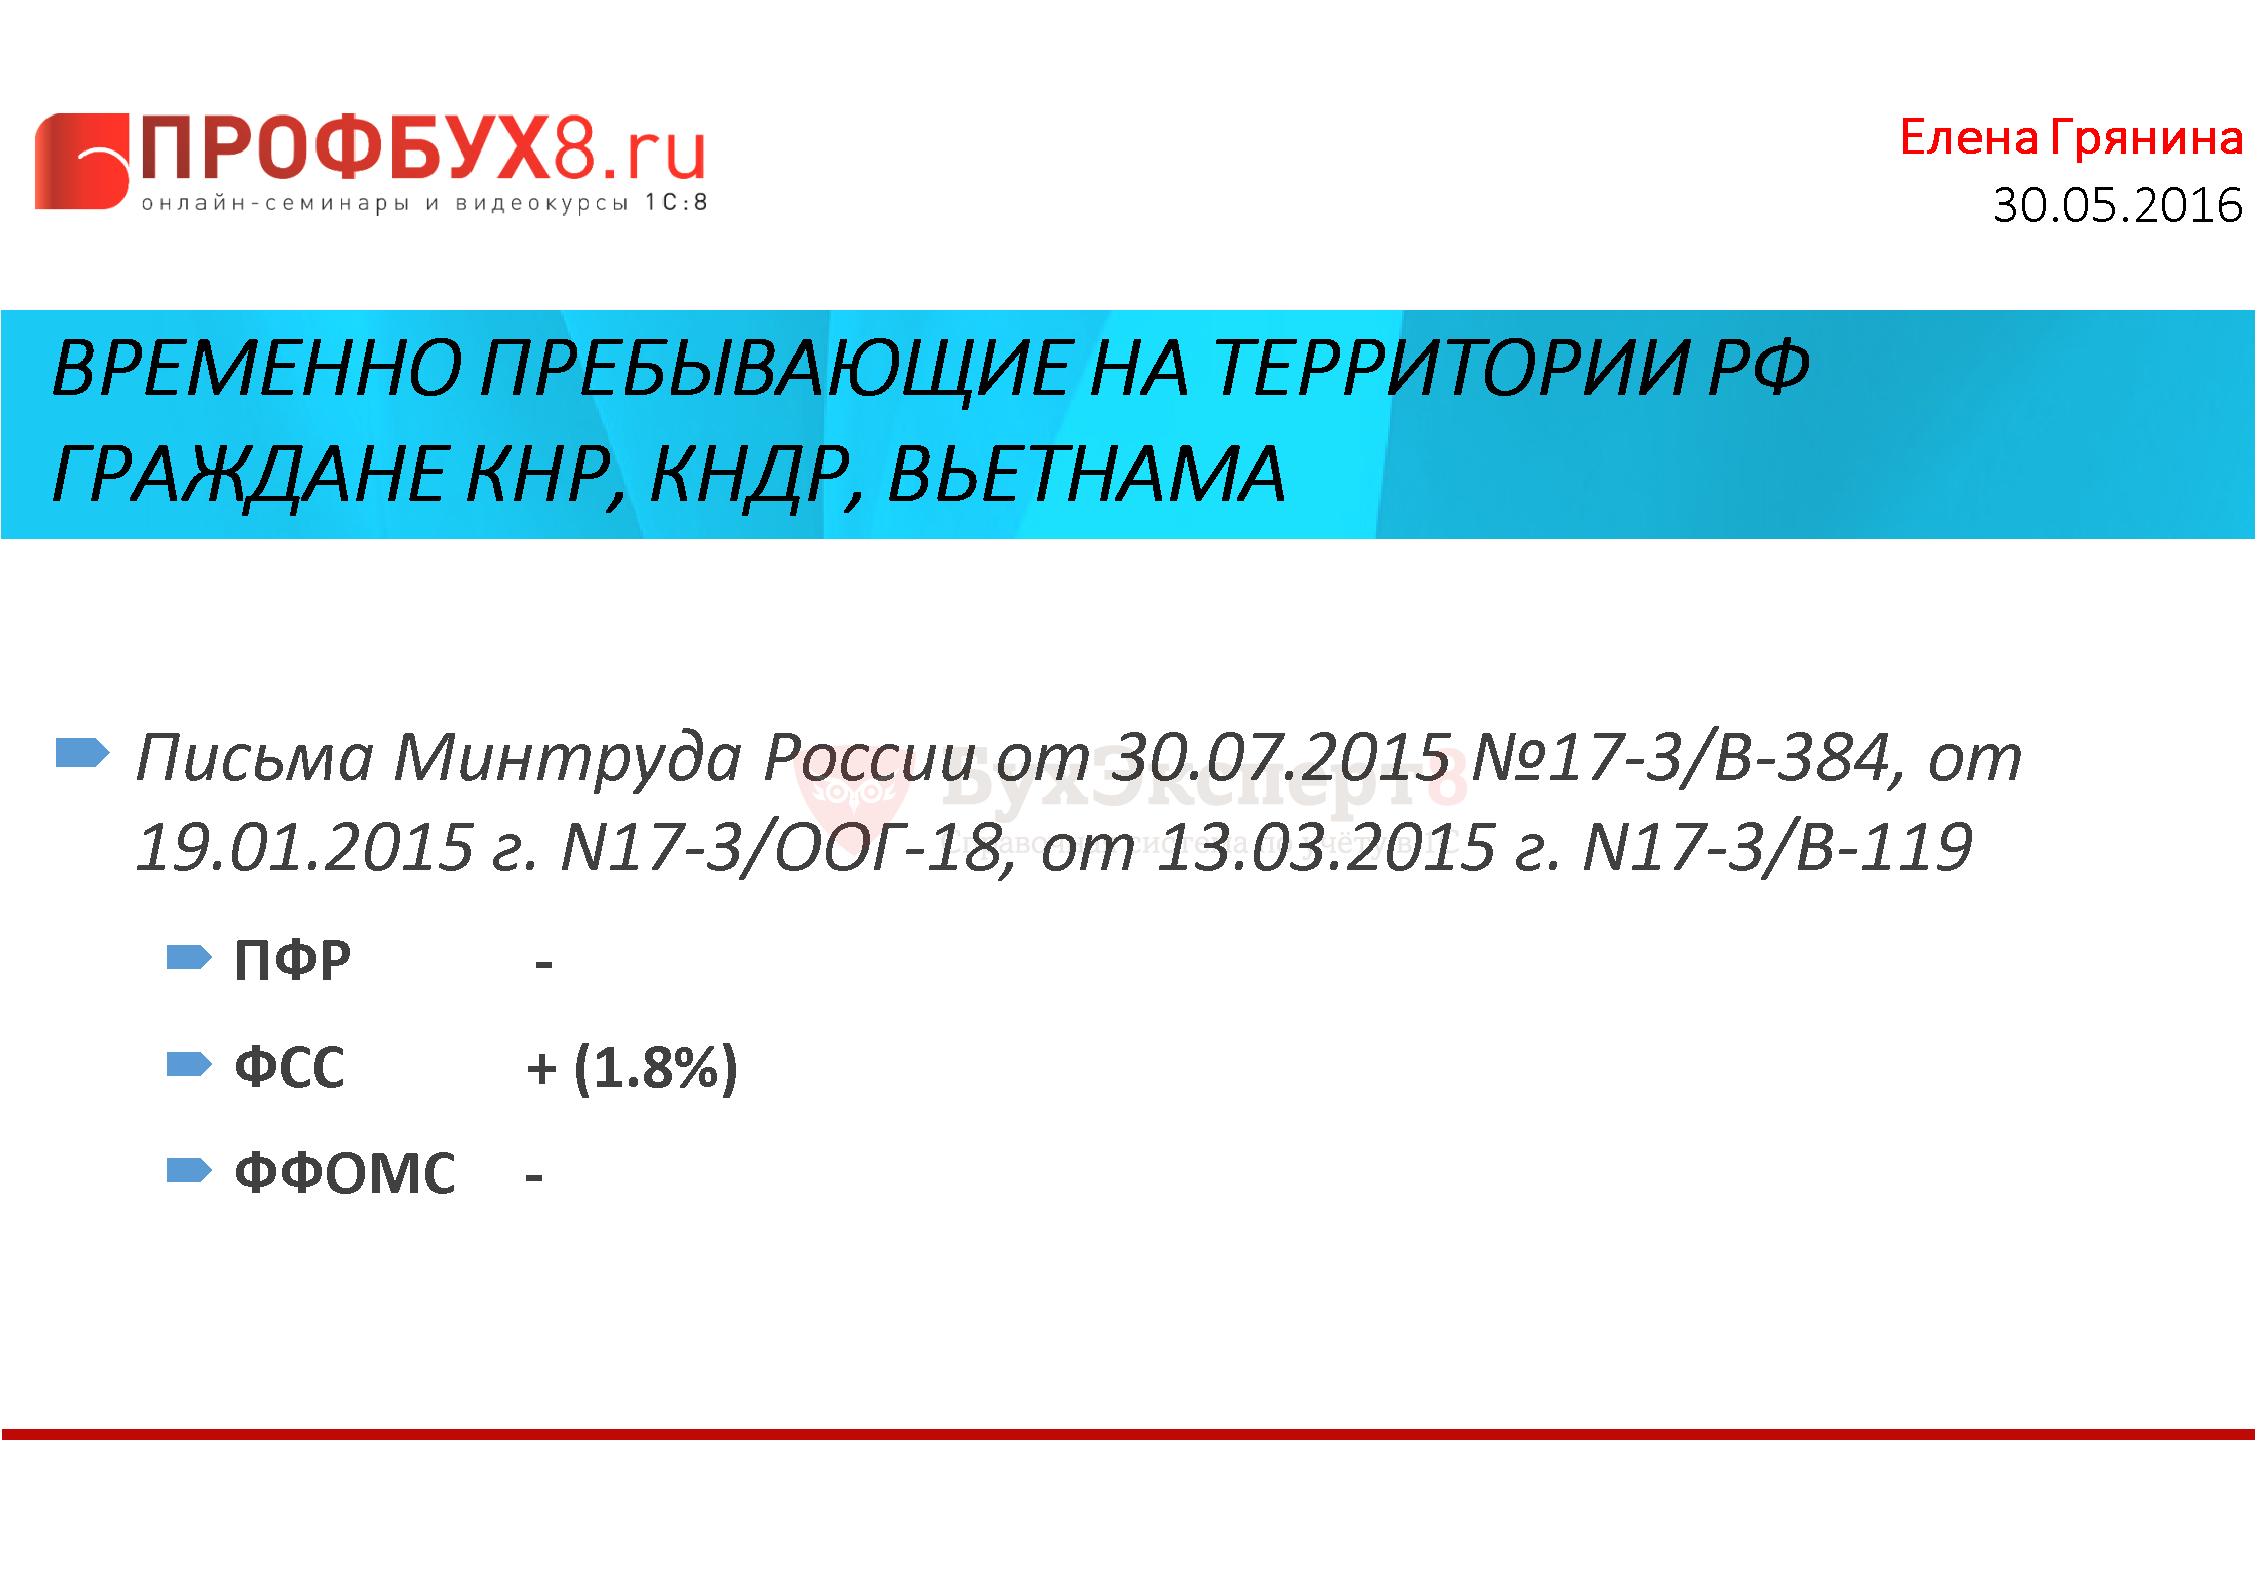 Временно пребывающие на территории РФ граждане КНР, КНДР, Вьетнама Письма Минтруда России от 30.07.2015 №17-3/В-384, от 19.01.2015 г. N17-3/ООГ-18, от 13.03.2015 г. N17-3/В-119 ПФР - ФСС + (1.8%) ФФОМС -